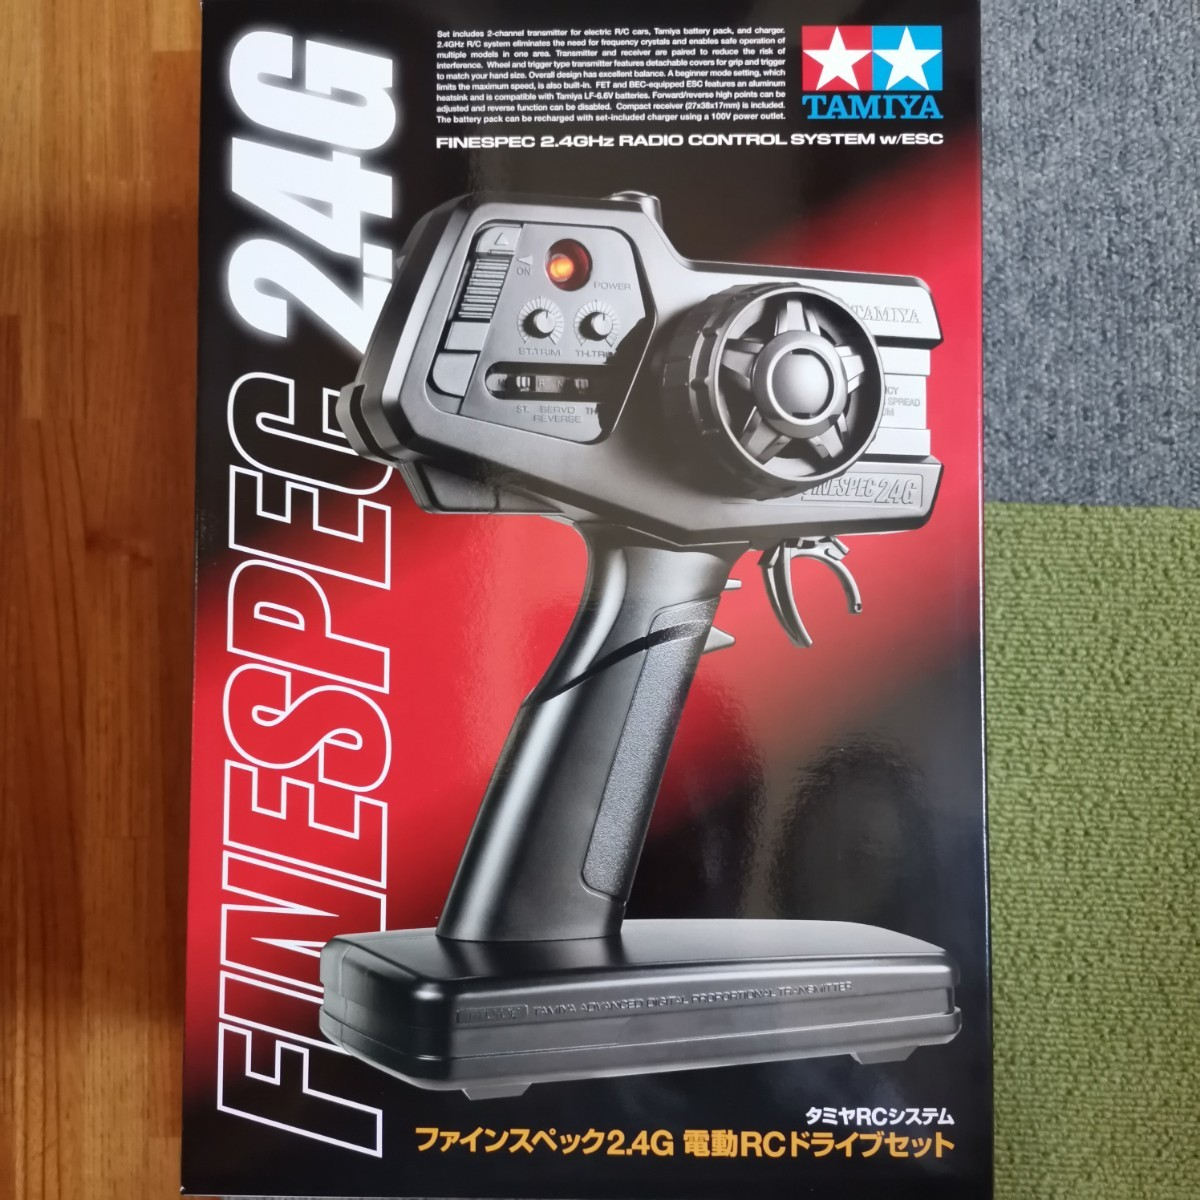 【新品未開封品】タミヤ 電動RCドライブセット 45053